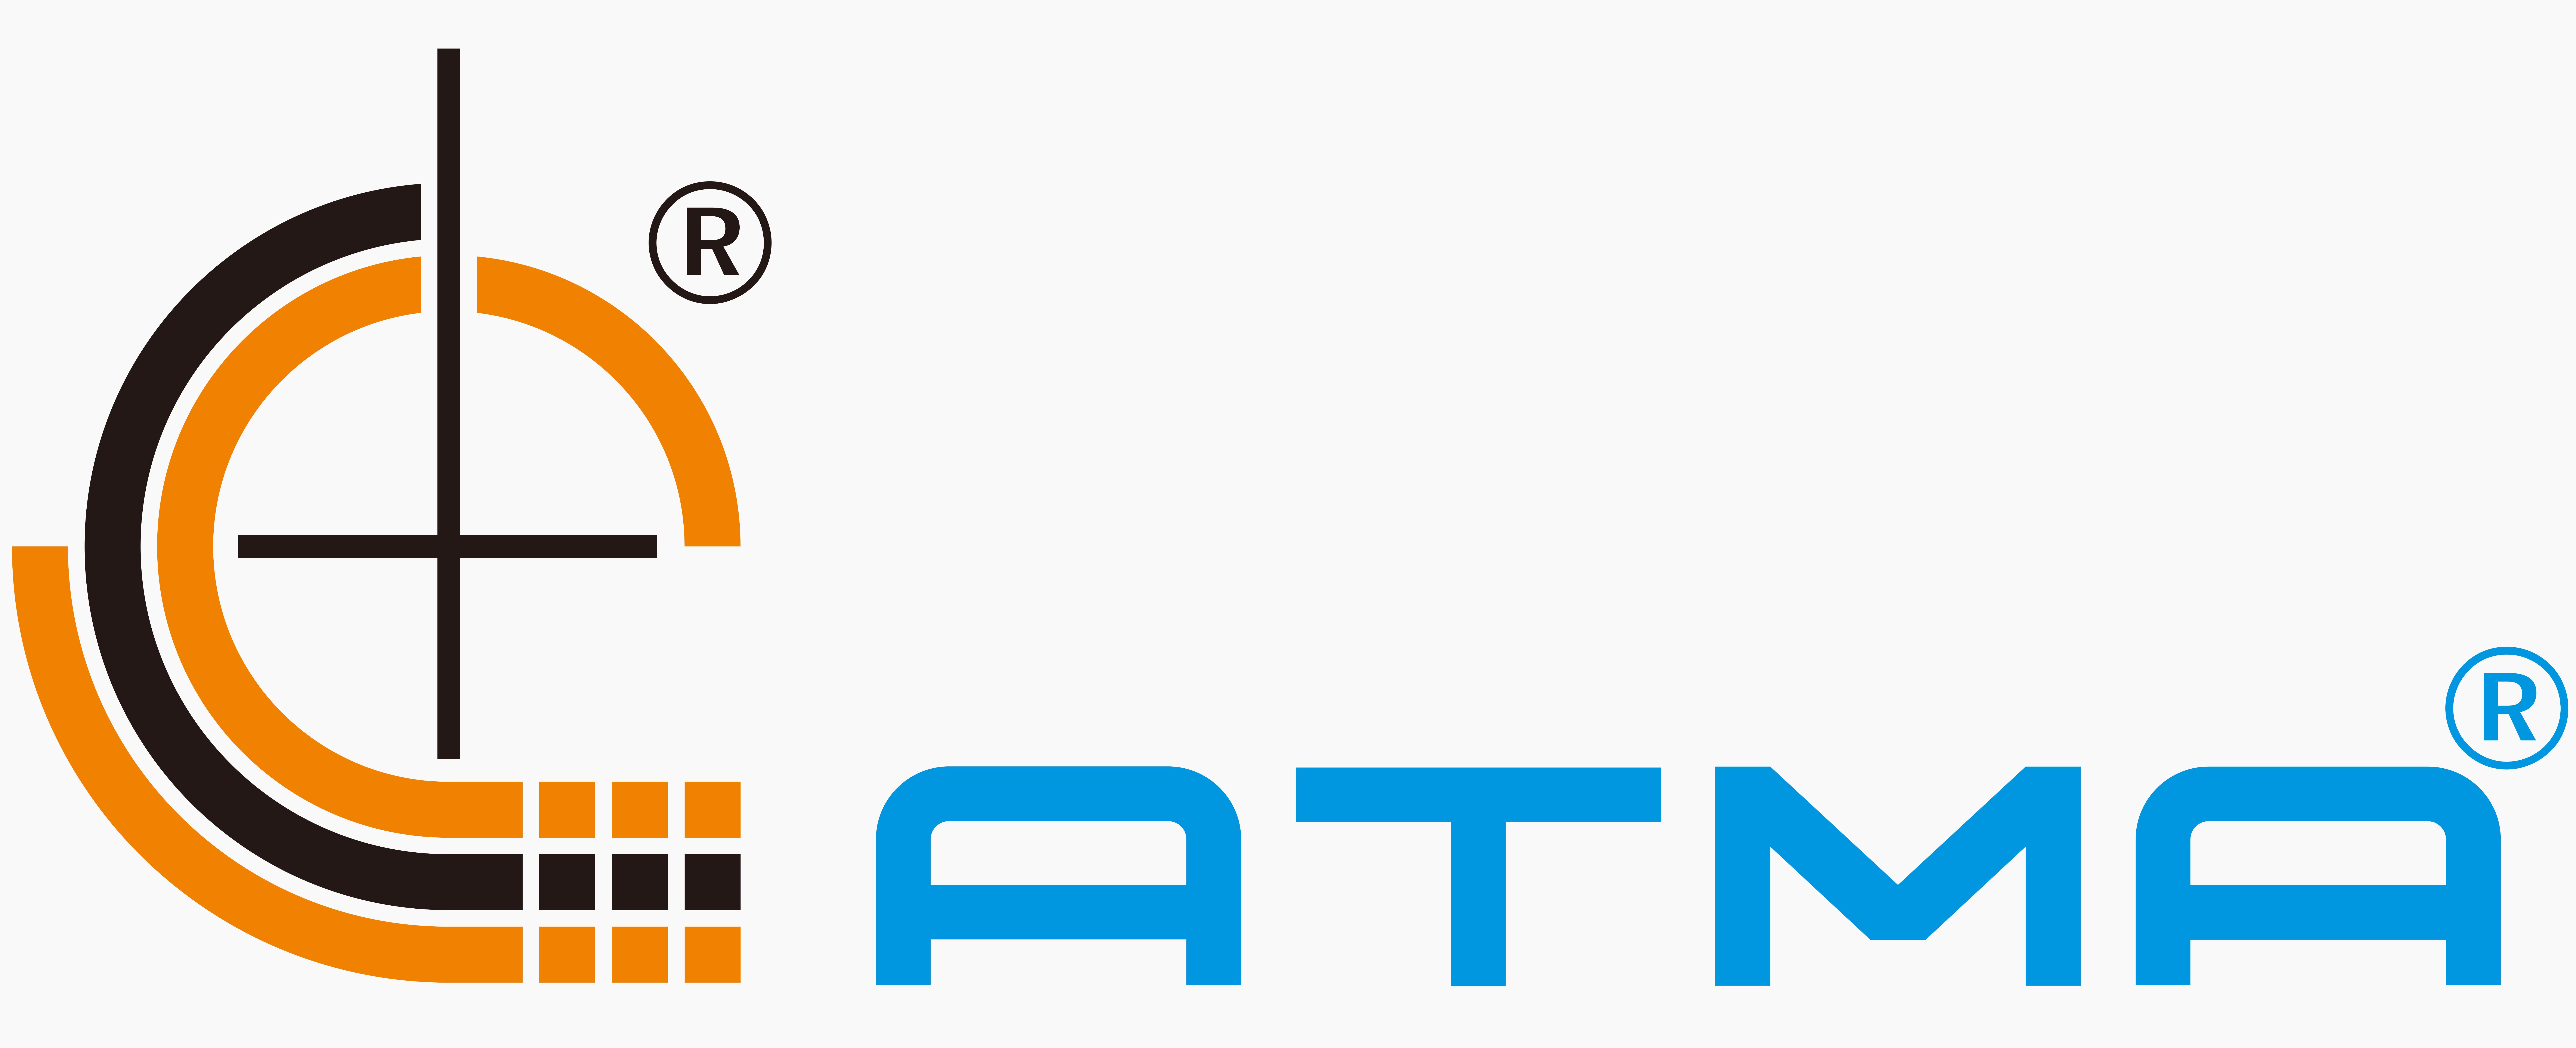 ATMAは、AdvancedTaiwanまたはTungYuan MachineryAutomationの略です。